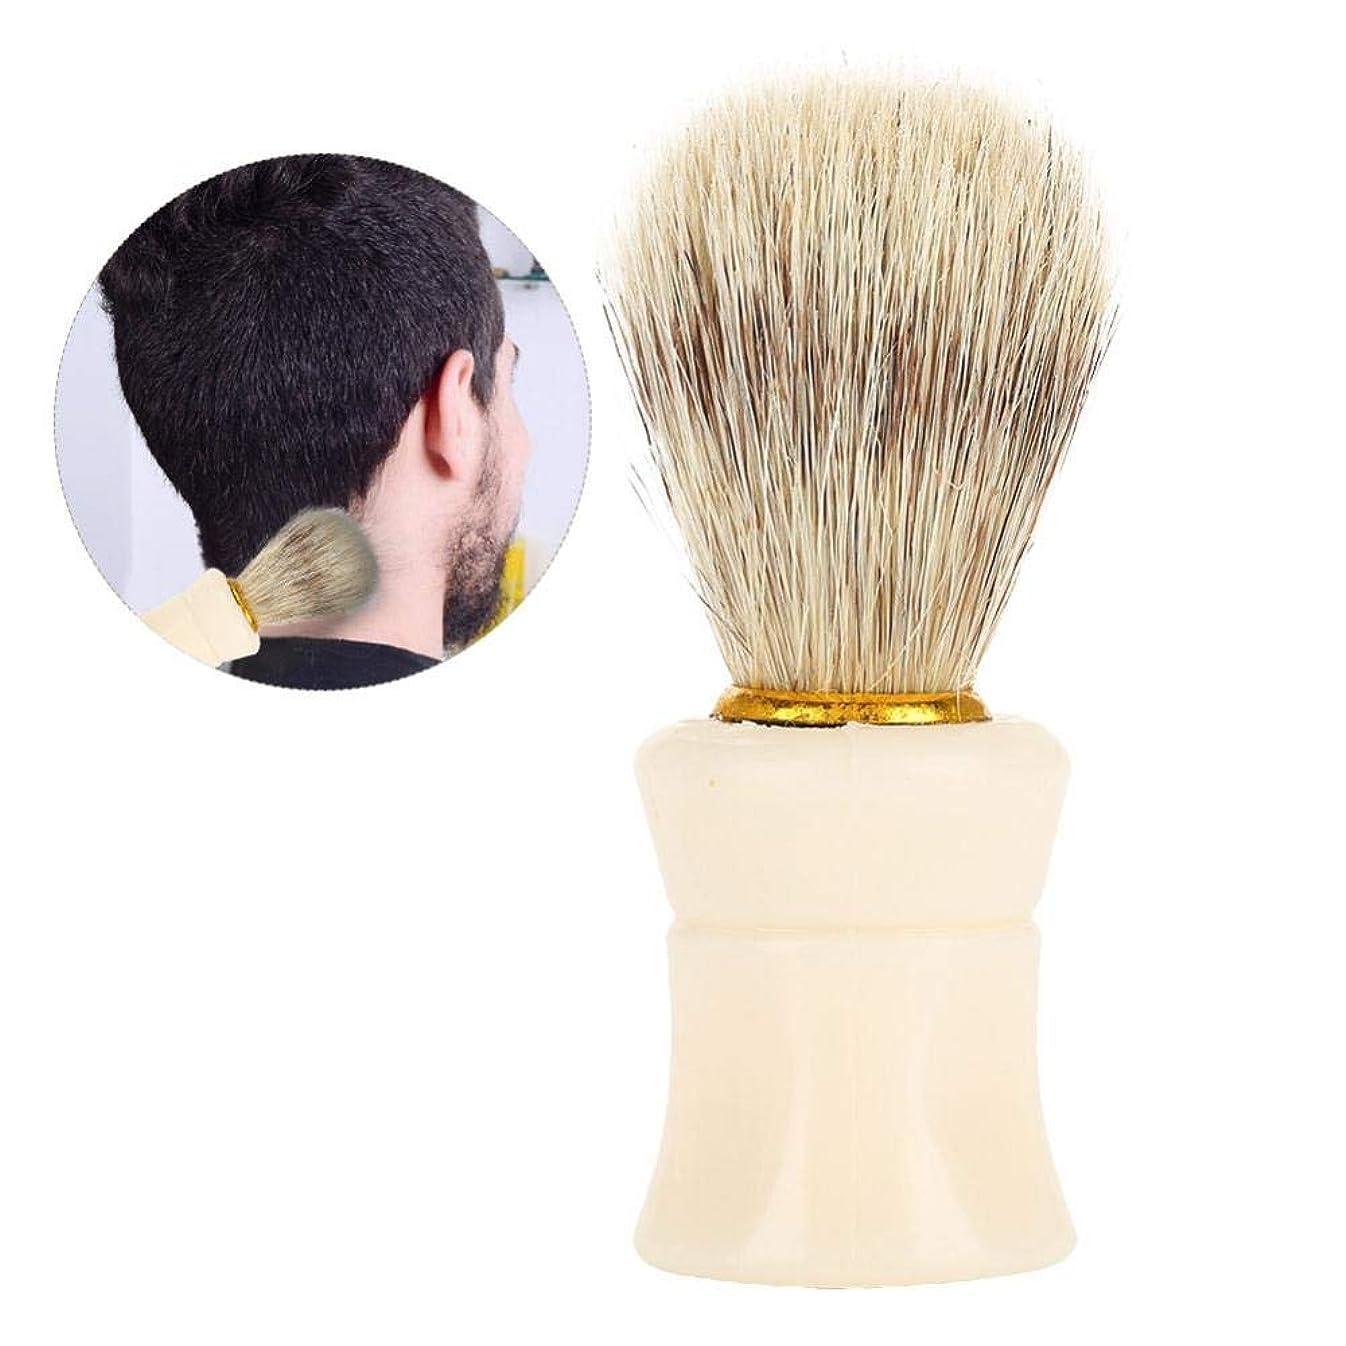 是正する配偶者神社Semme理髪師クリーニングヘアブラシヘアスイープブラシ、プロフェッショナルネックダスターブラシ理髪師理髪クリーニングヘアブラシ